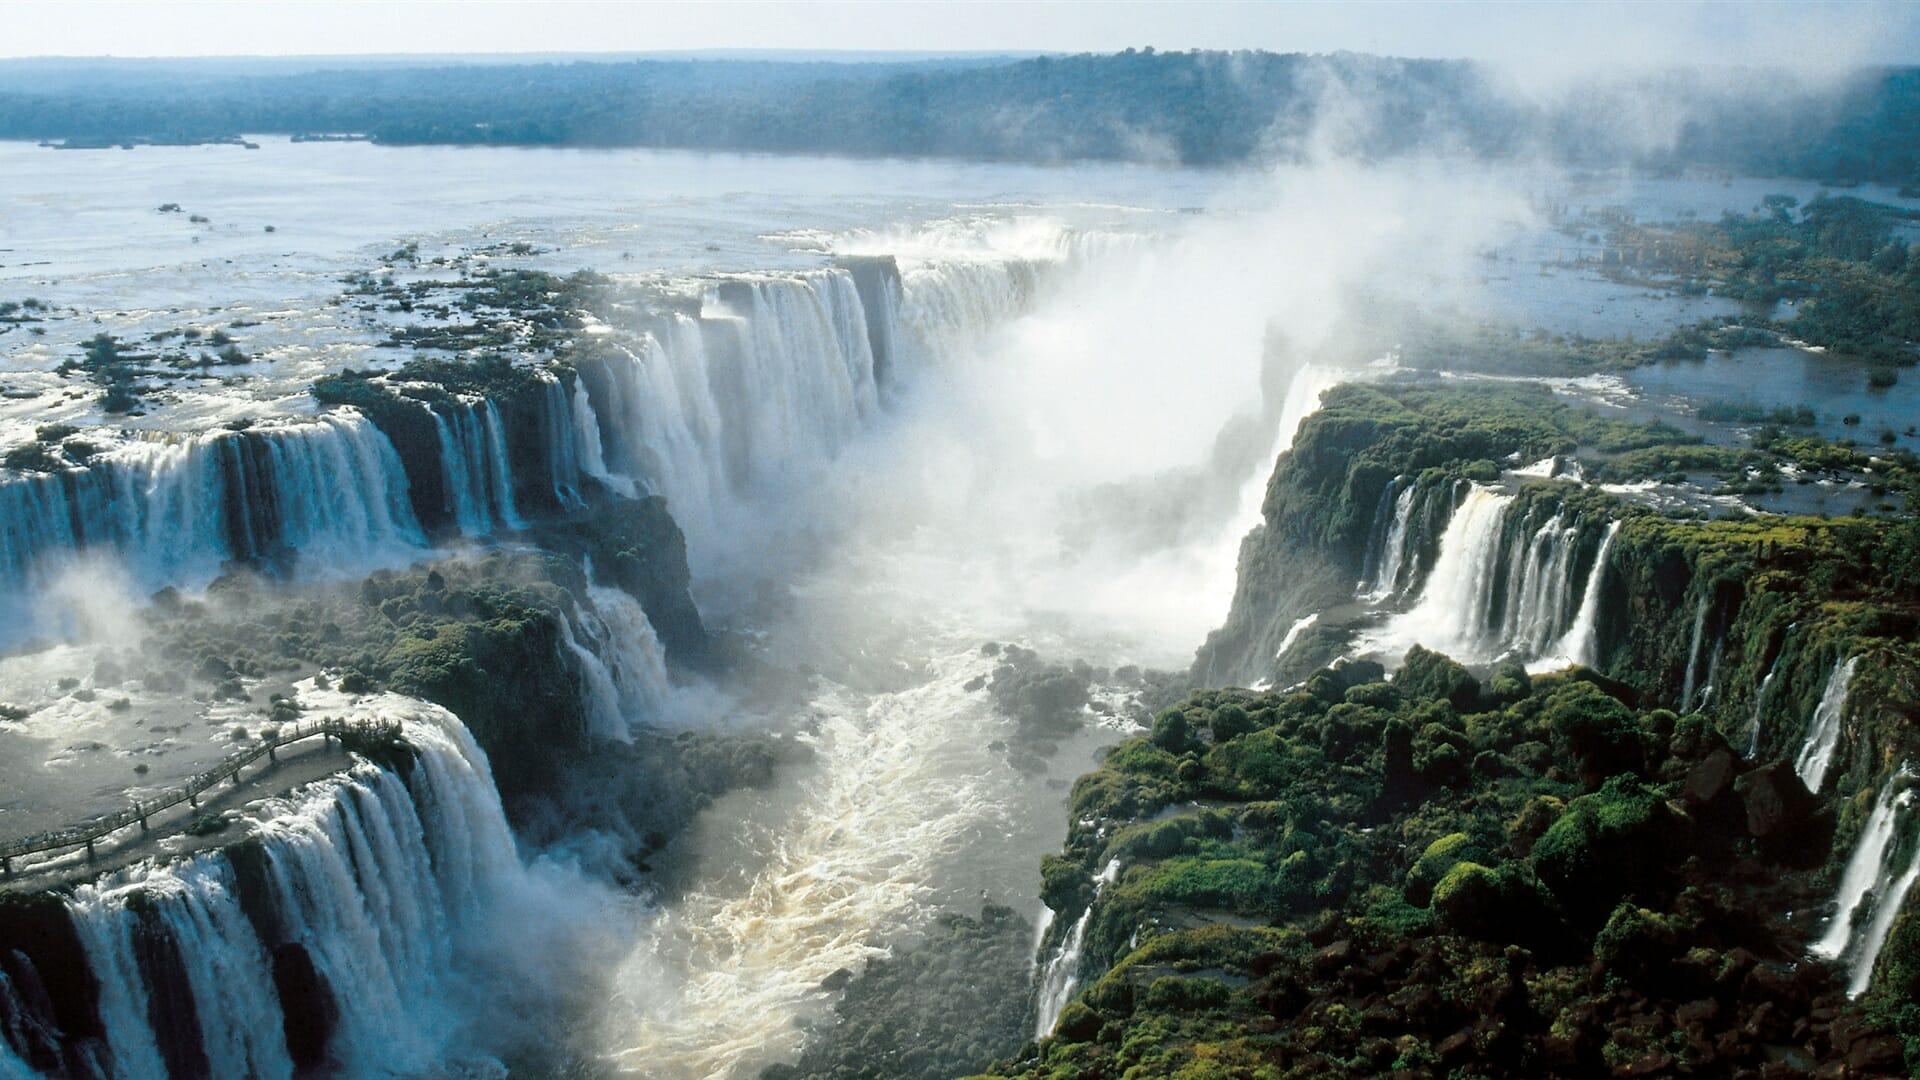 Cataratas do Iguaçu, 07 fatos pouco conhecidos sobre as Cataratas do Iguaçu, Passeios em Foz do Iguaçu | Combos em Foz com desconto